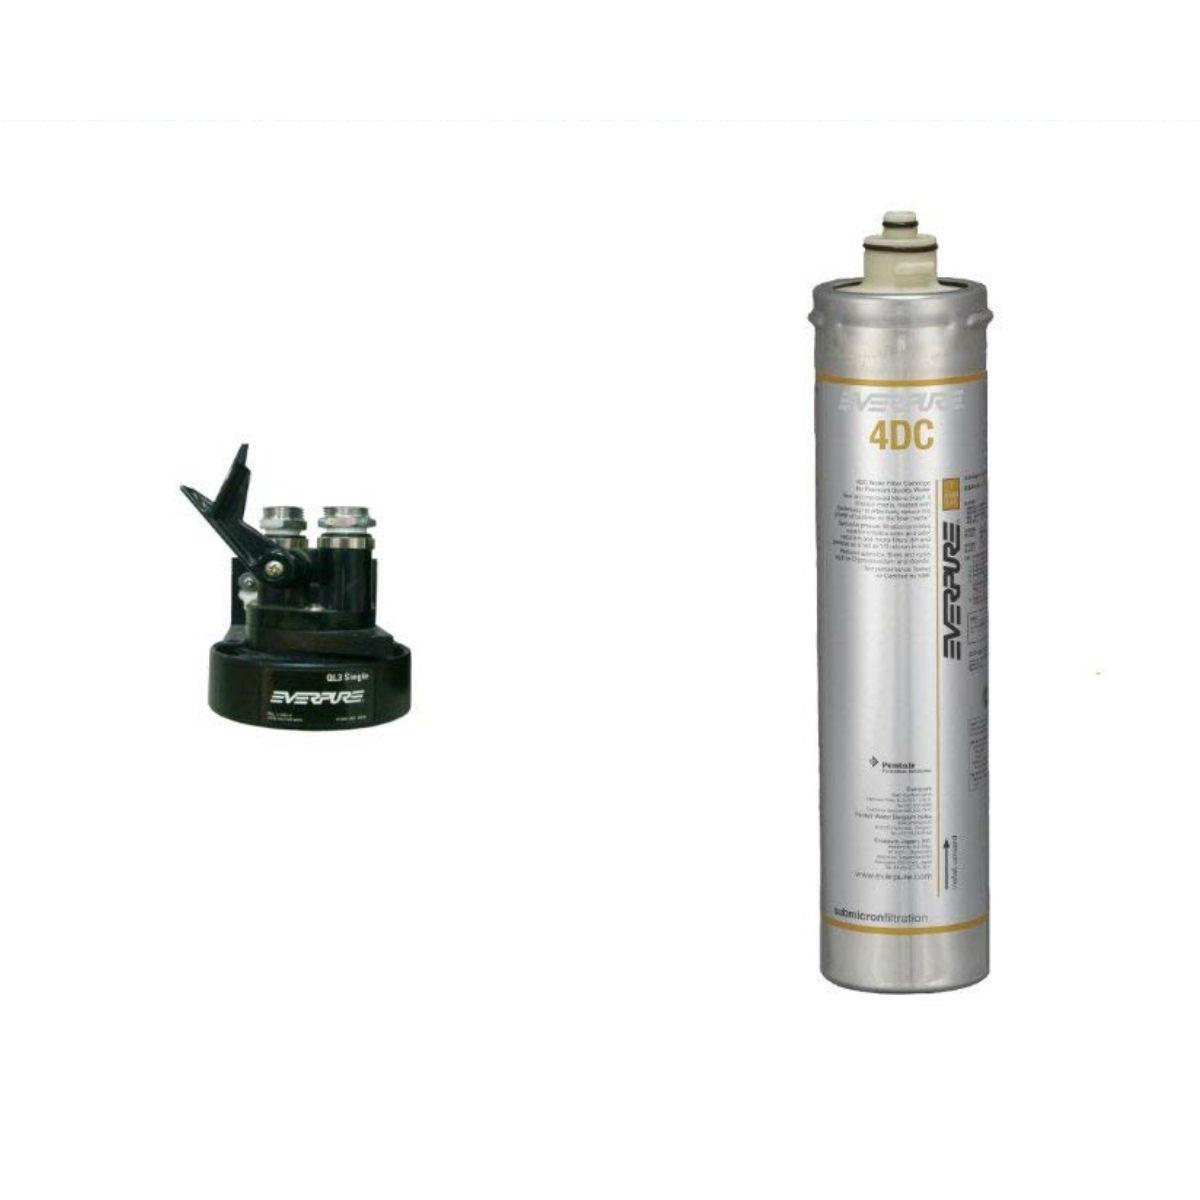 新規設置仕様  エバーピュア浄水器ヘッドフィルタセット品 QL3-4DC